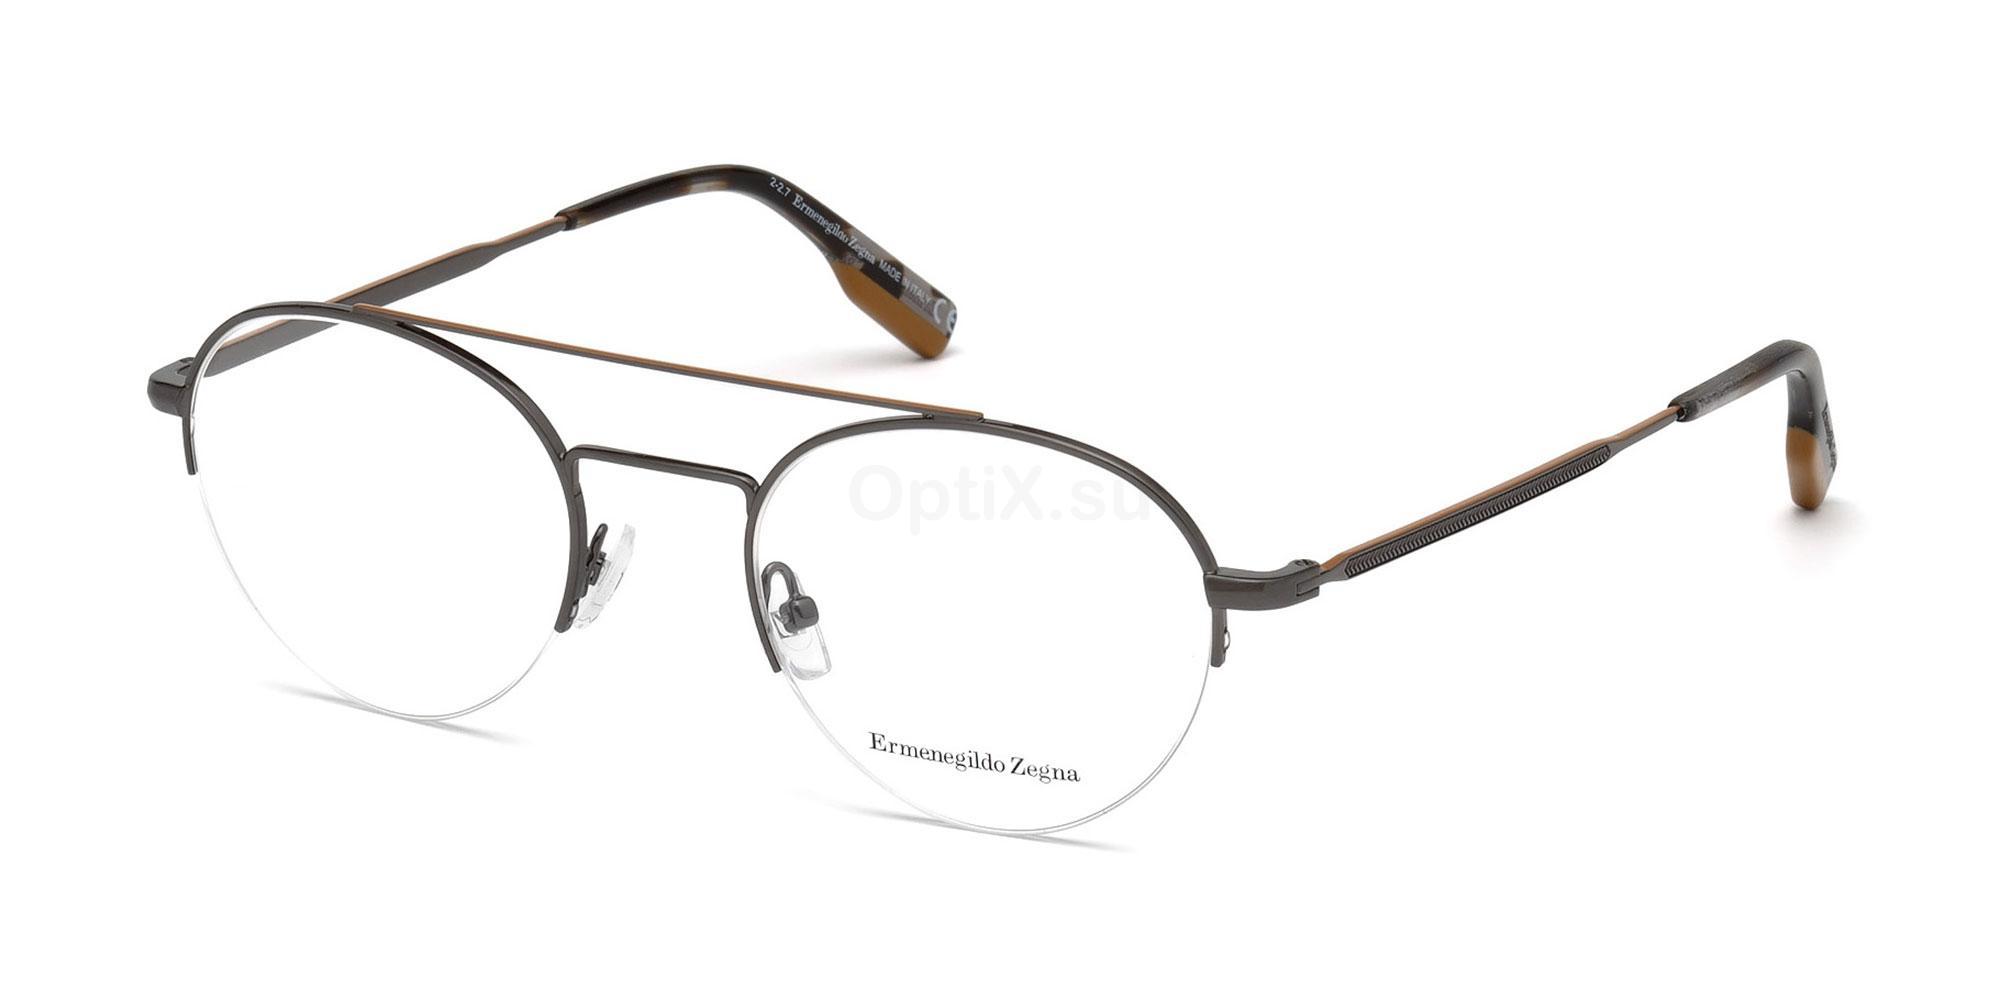 008 EZ5131 Glasses, Ermenegildo Zegna